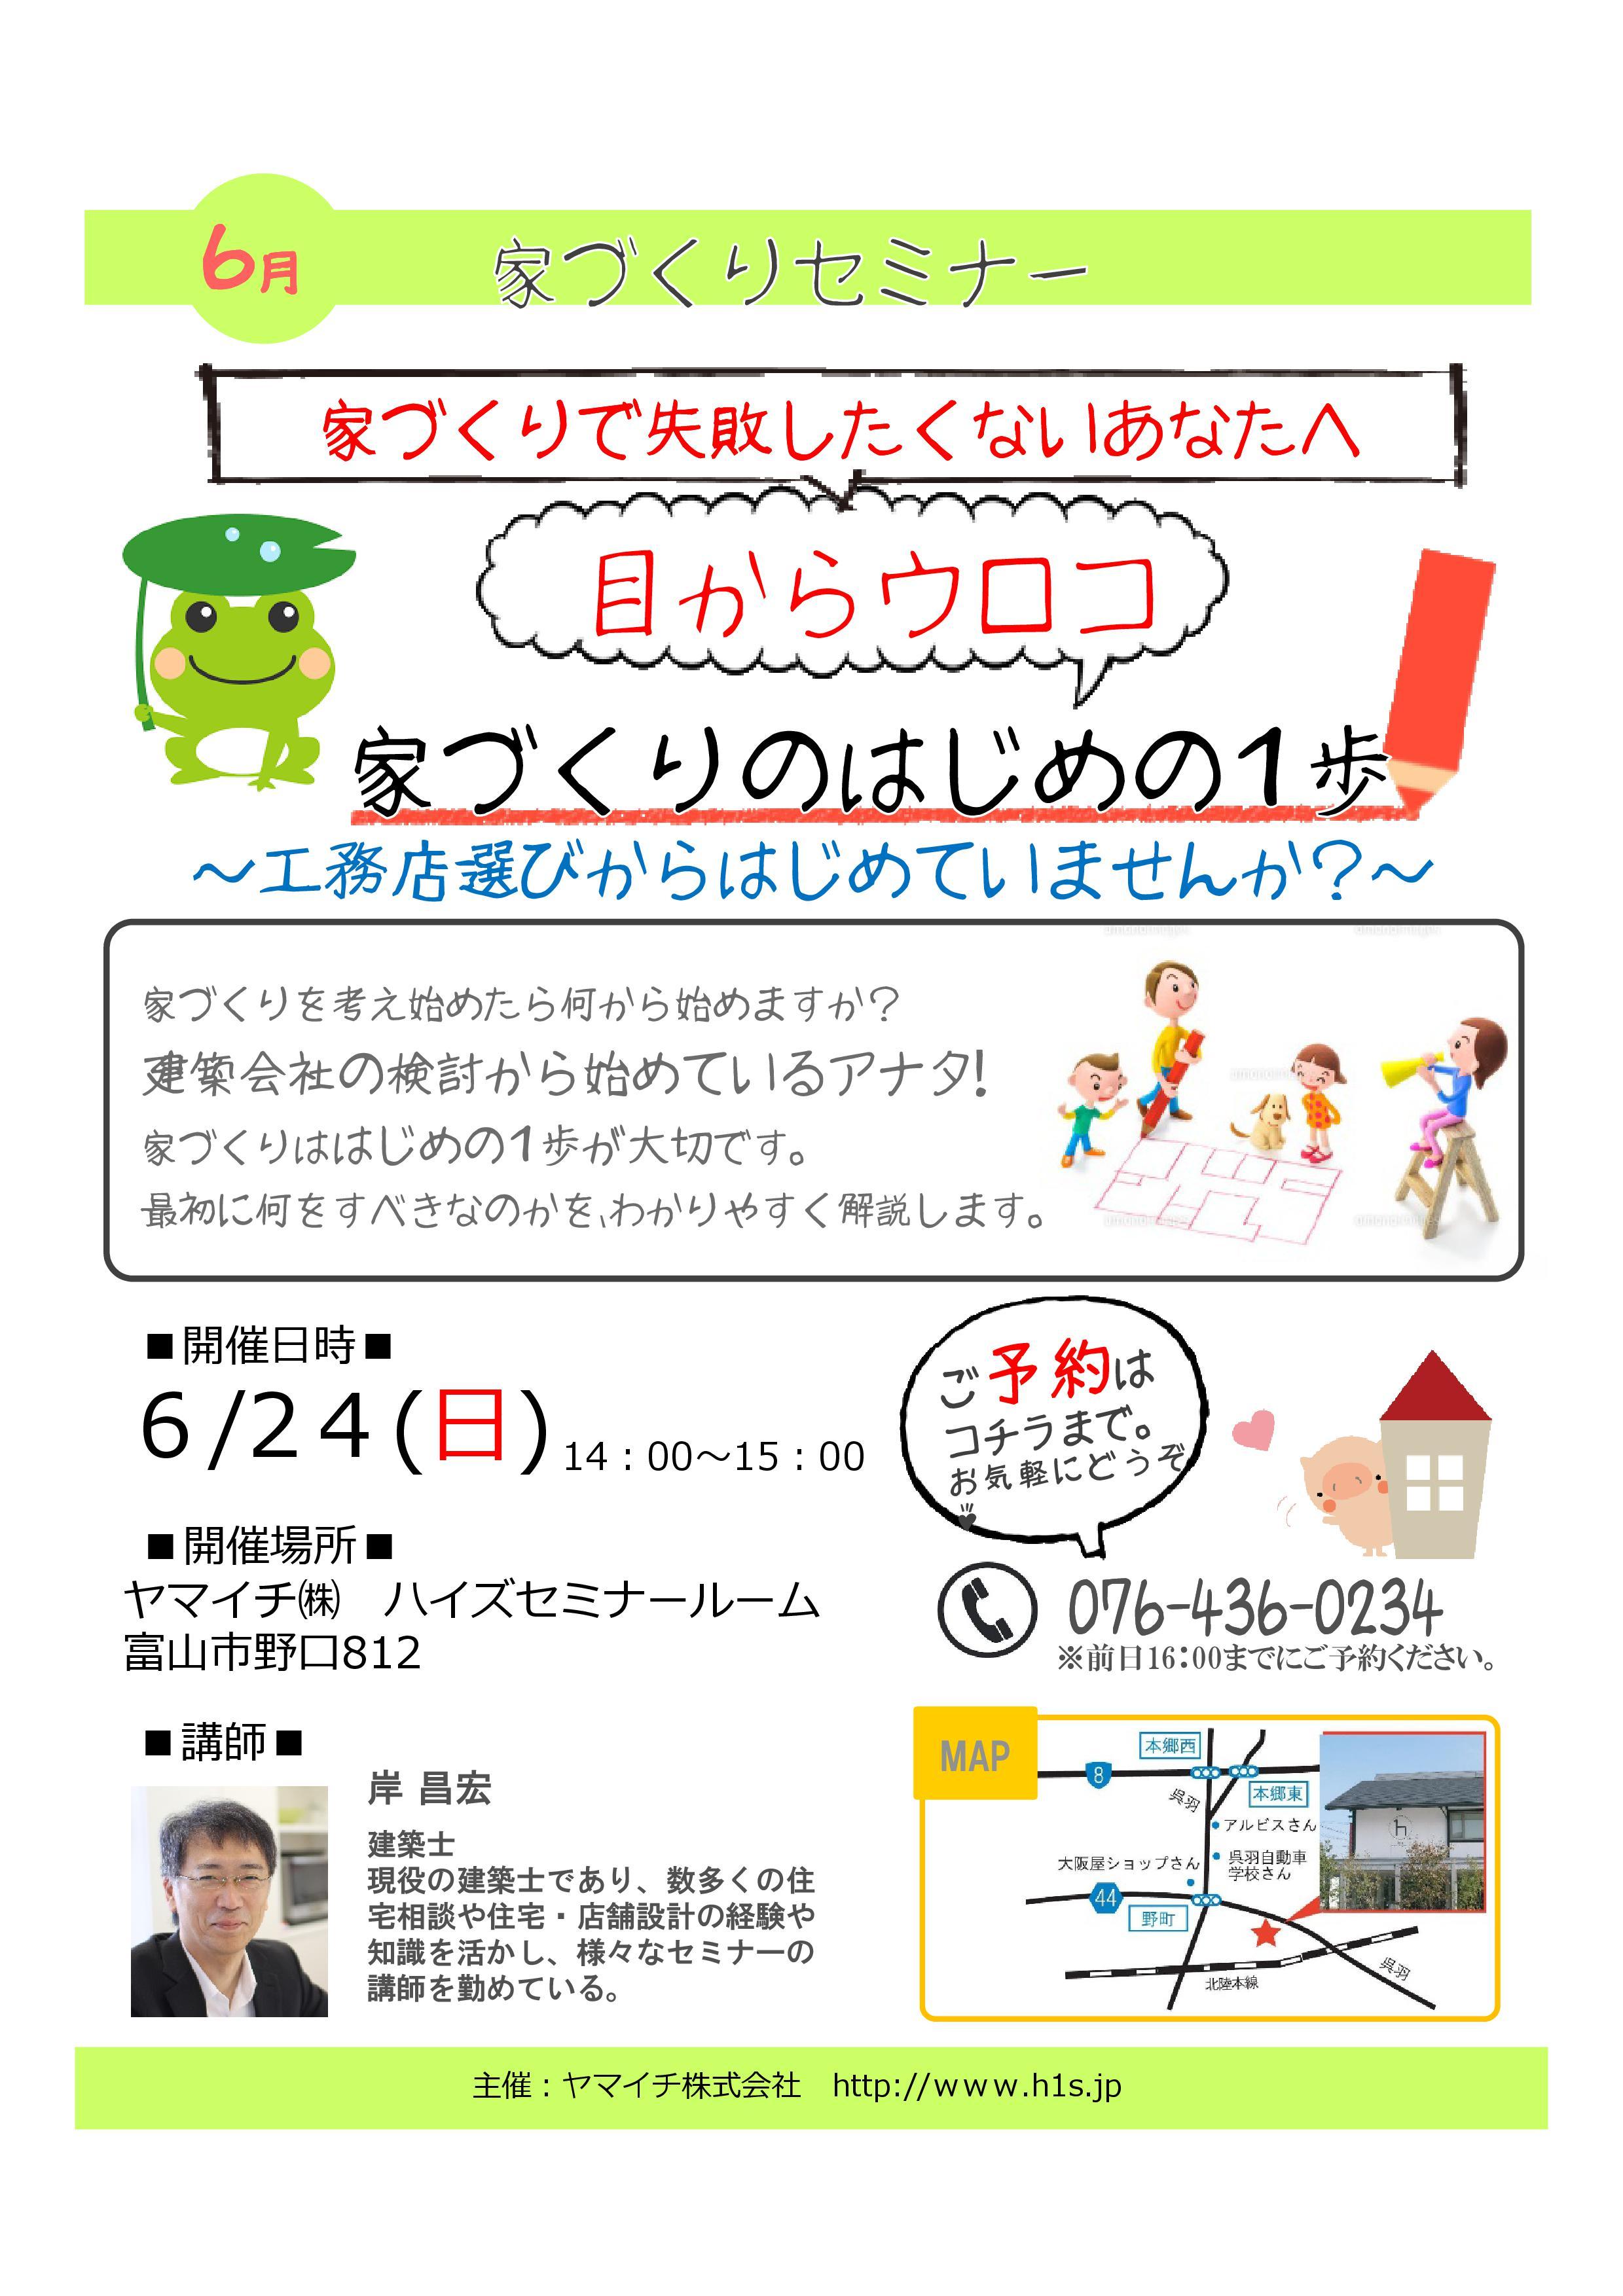 【セミナー】6/24(日)「家づくりのはじめの一歩」